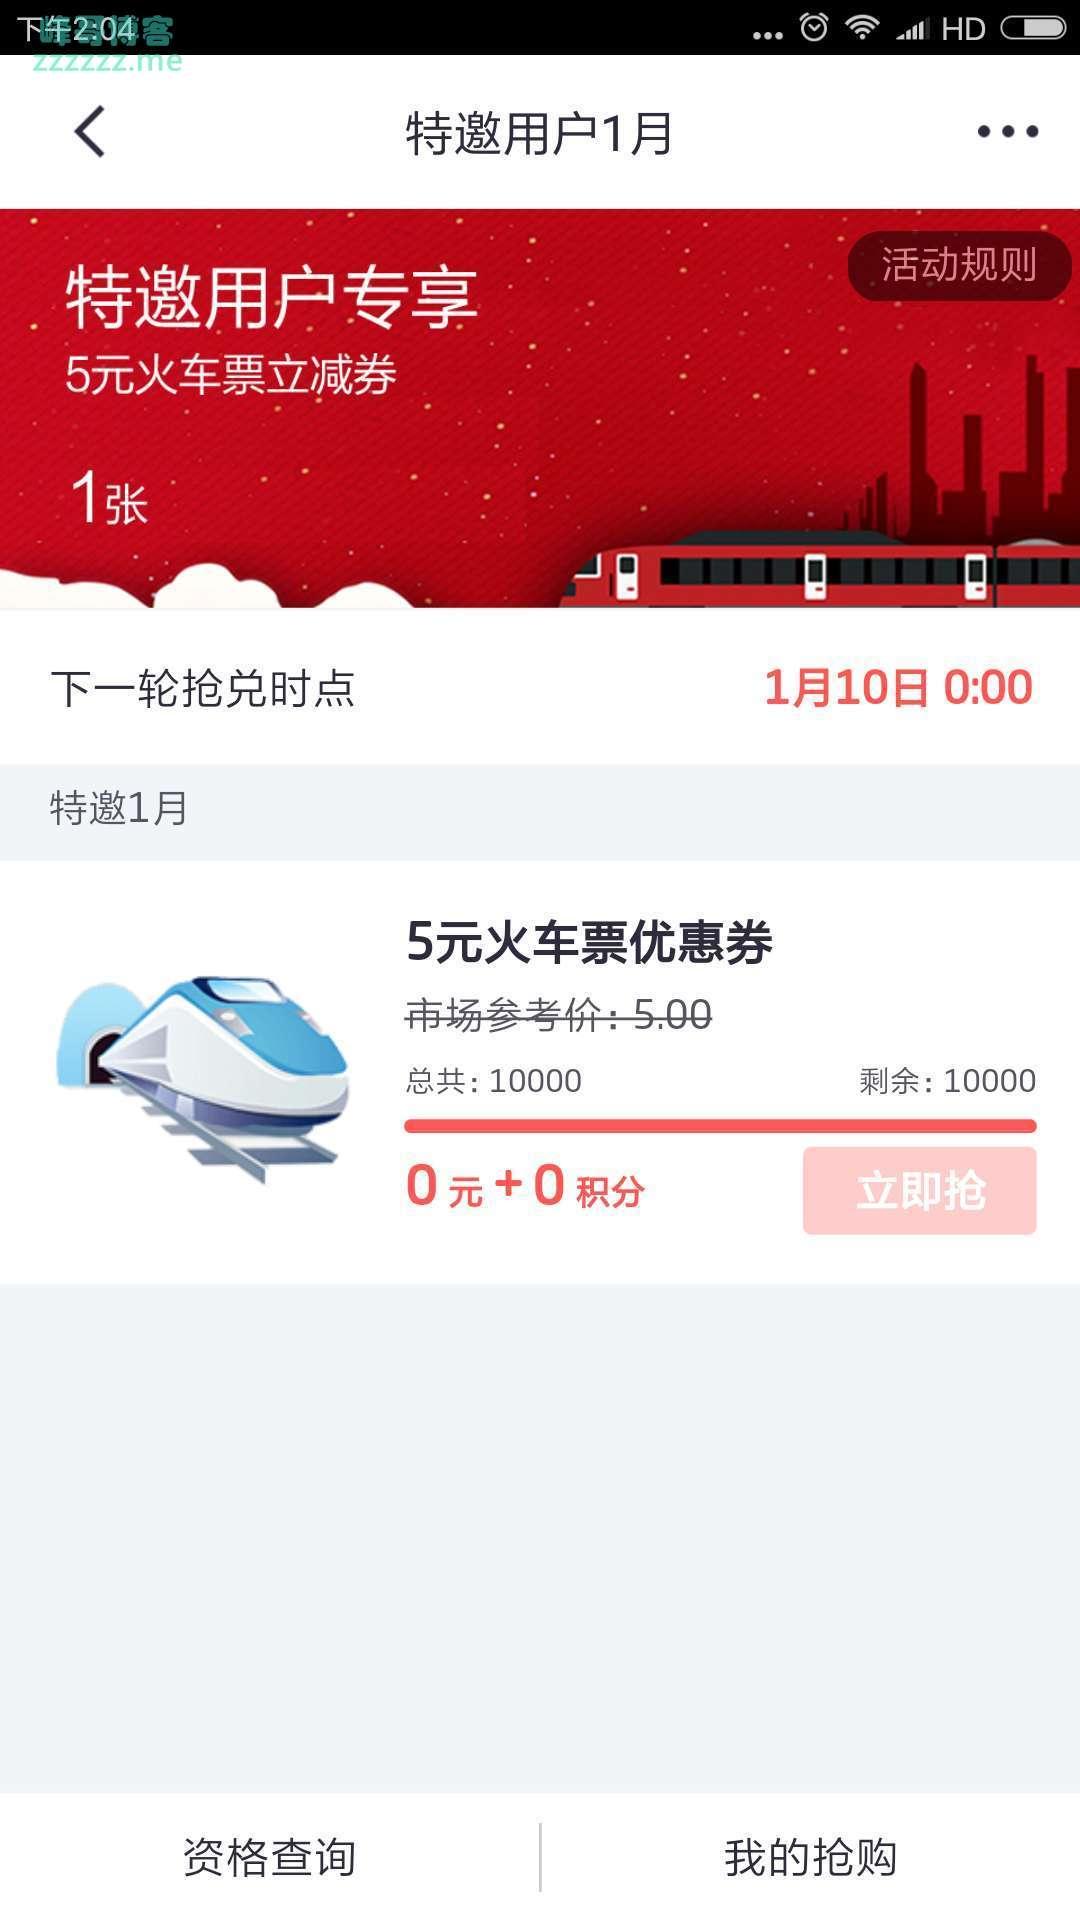 <掌上生活>1月特邀用户抢火车票券(截止1月10日)